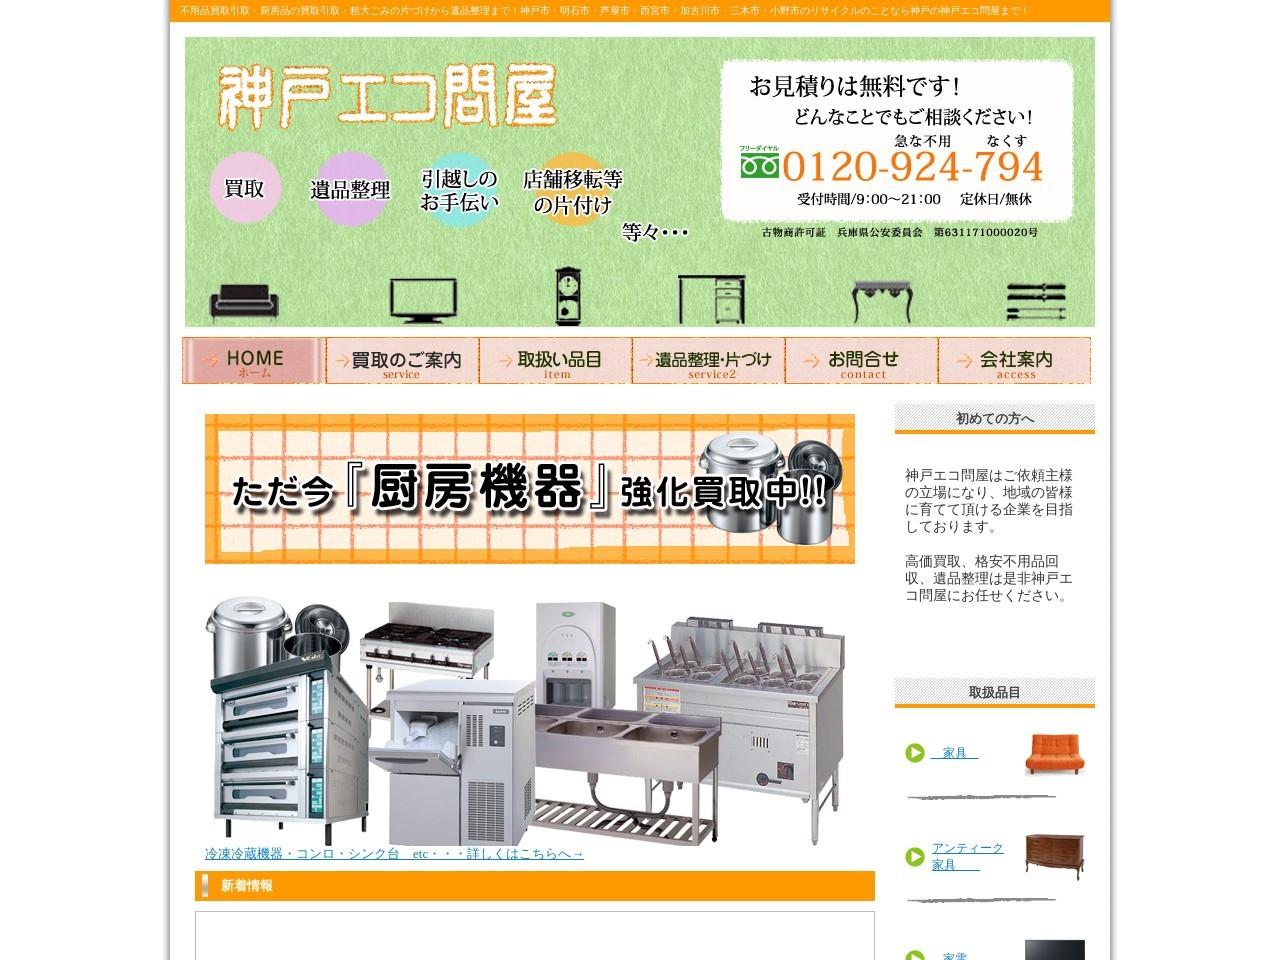 神戸エコ問屋|ホームページ (不用品買取引取・厨房品の買取引取・粗大ごみの片づけから遺品整理まで!) | HOME